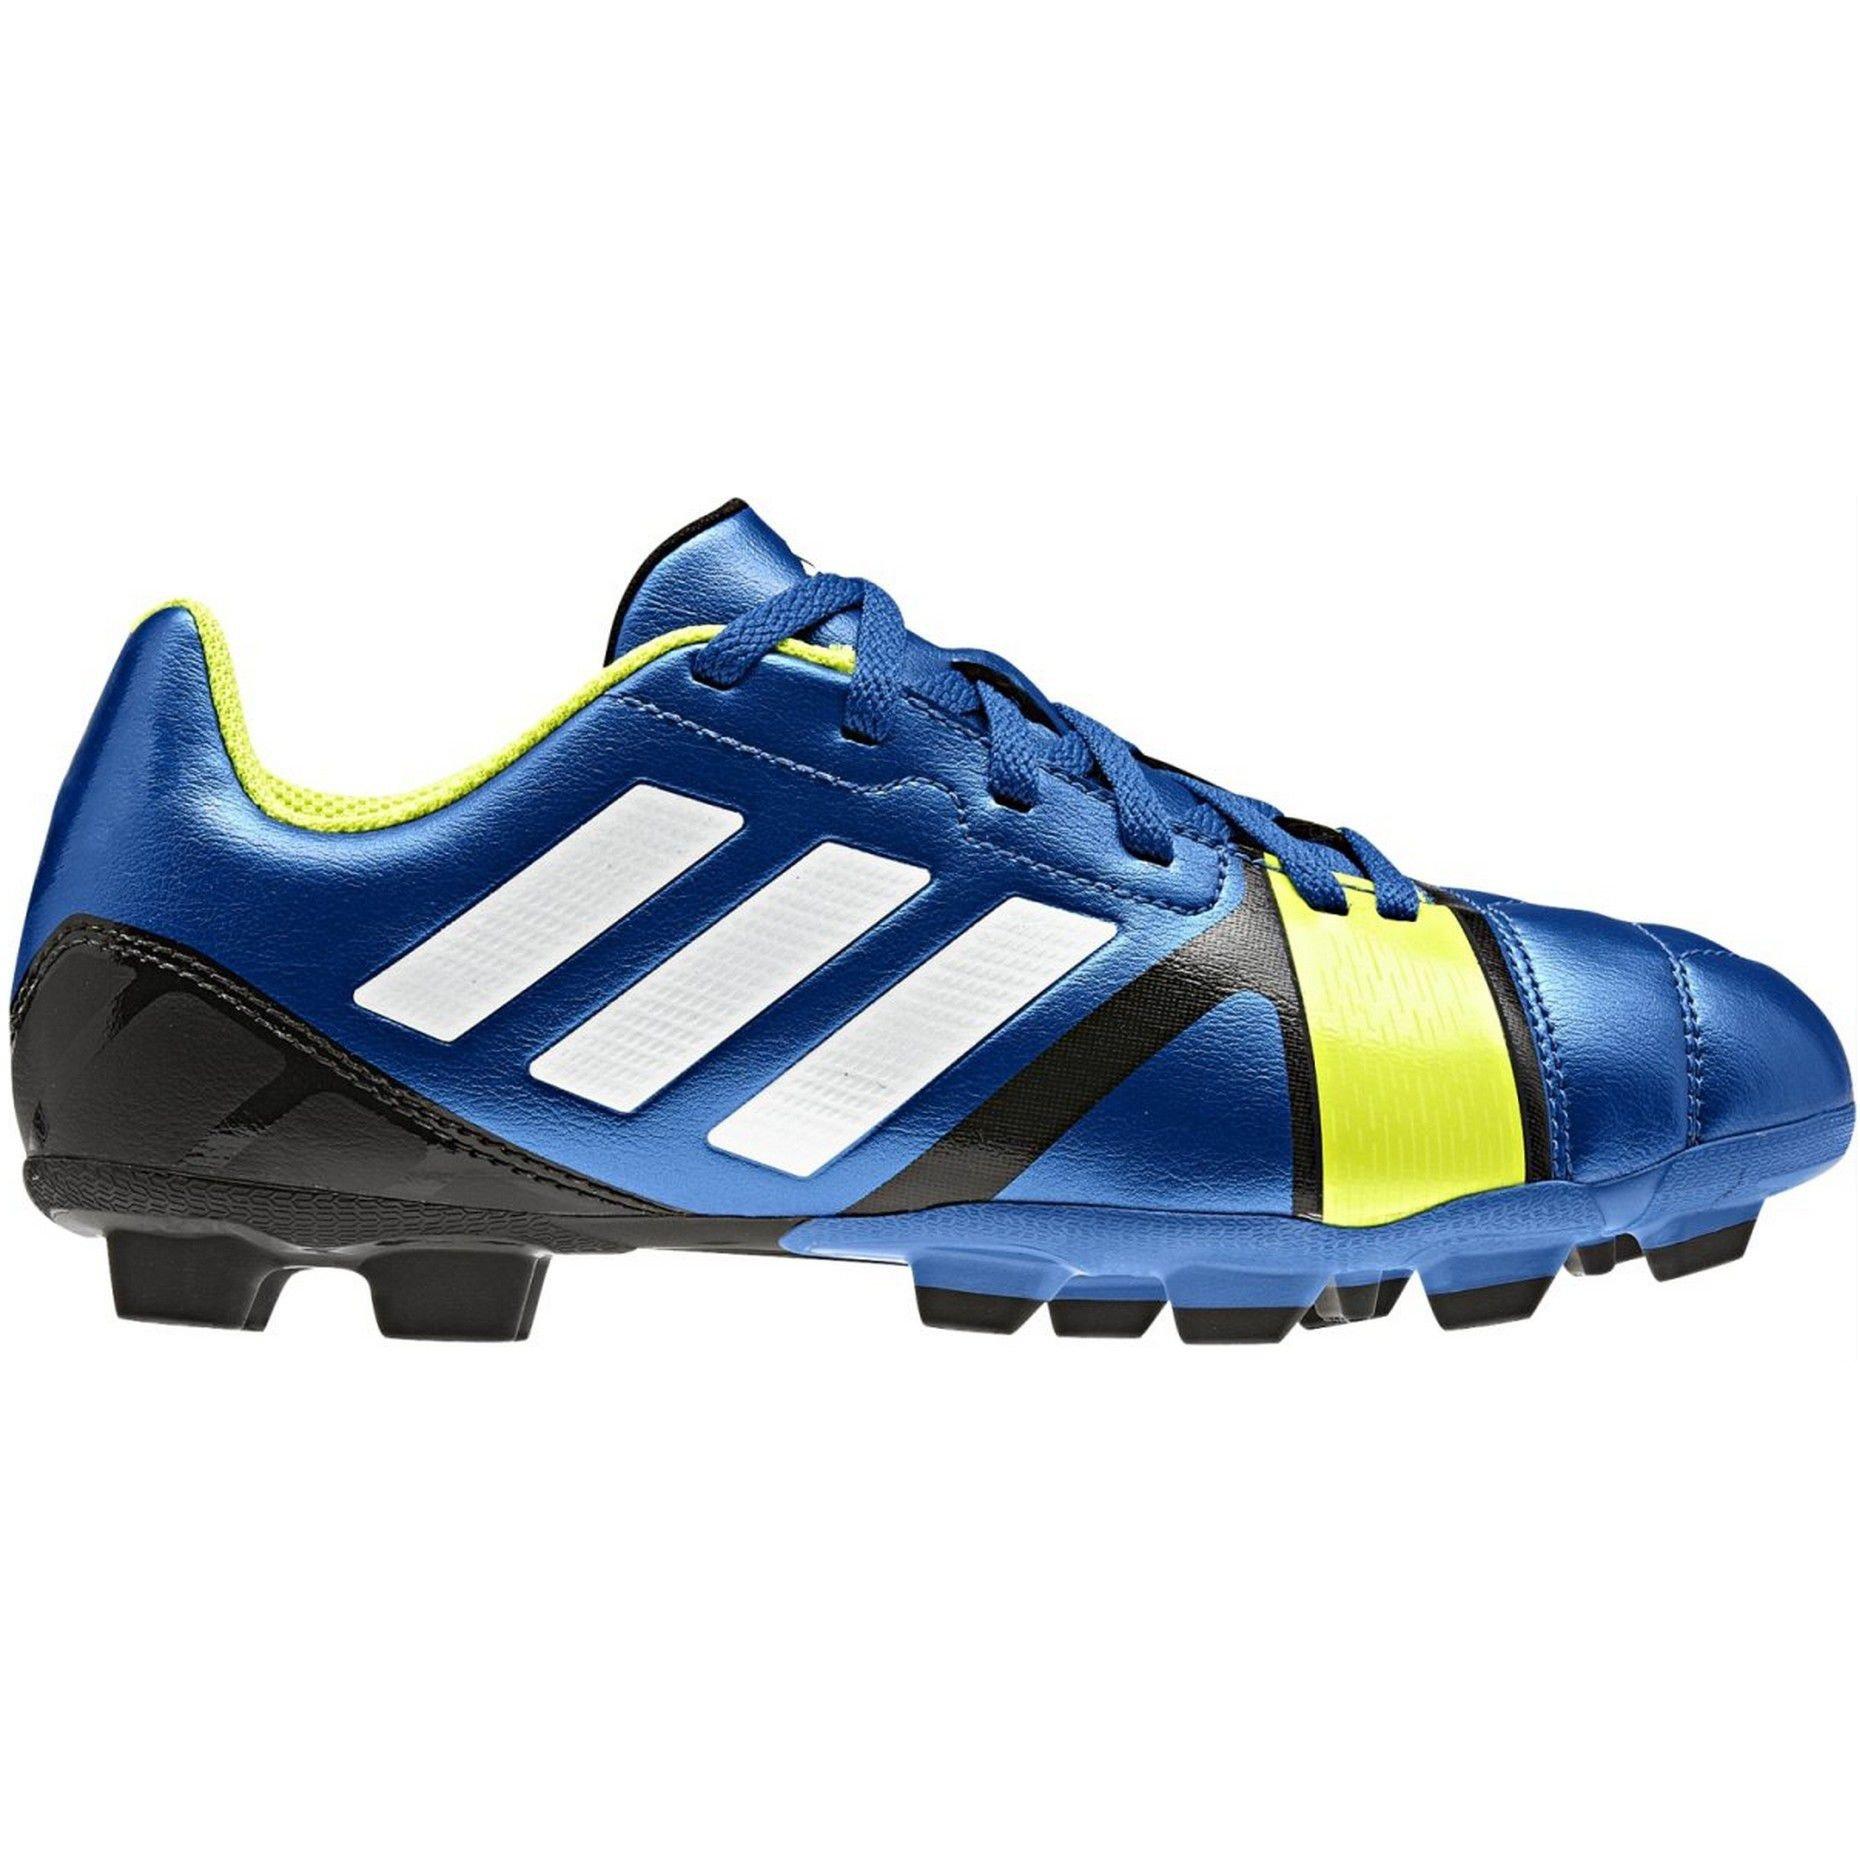 Adidas, Buty chłopięce, Nitrocharge 3.0 TRX TF, rozmiar 38 23